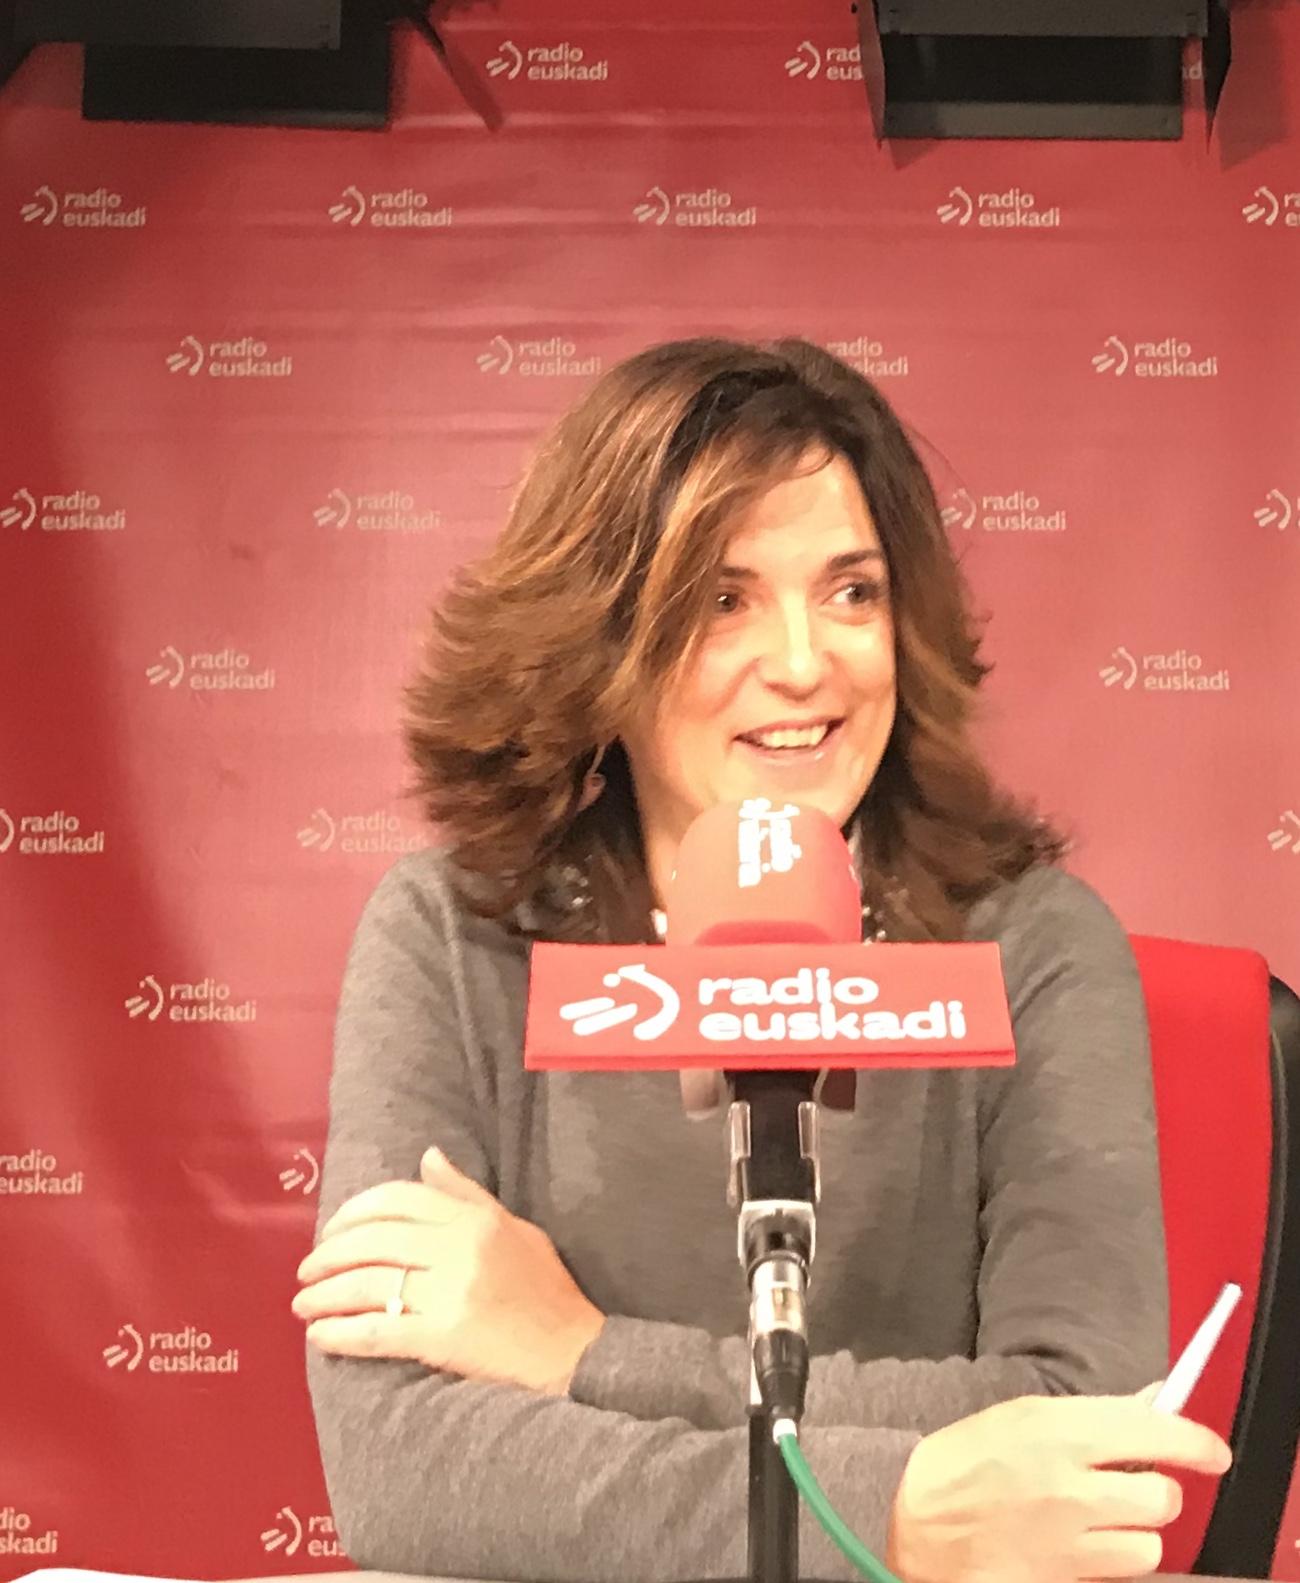 27_12_18_Radio_Euskadi__3_.jpg